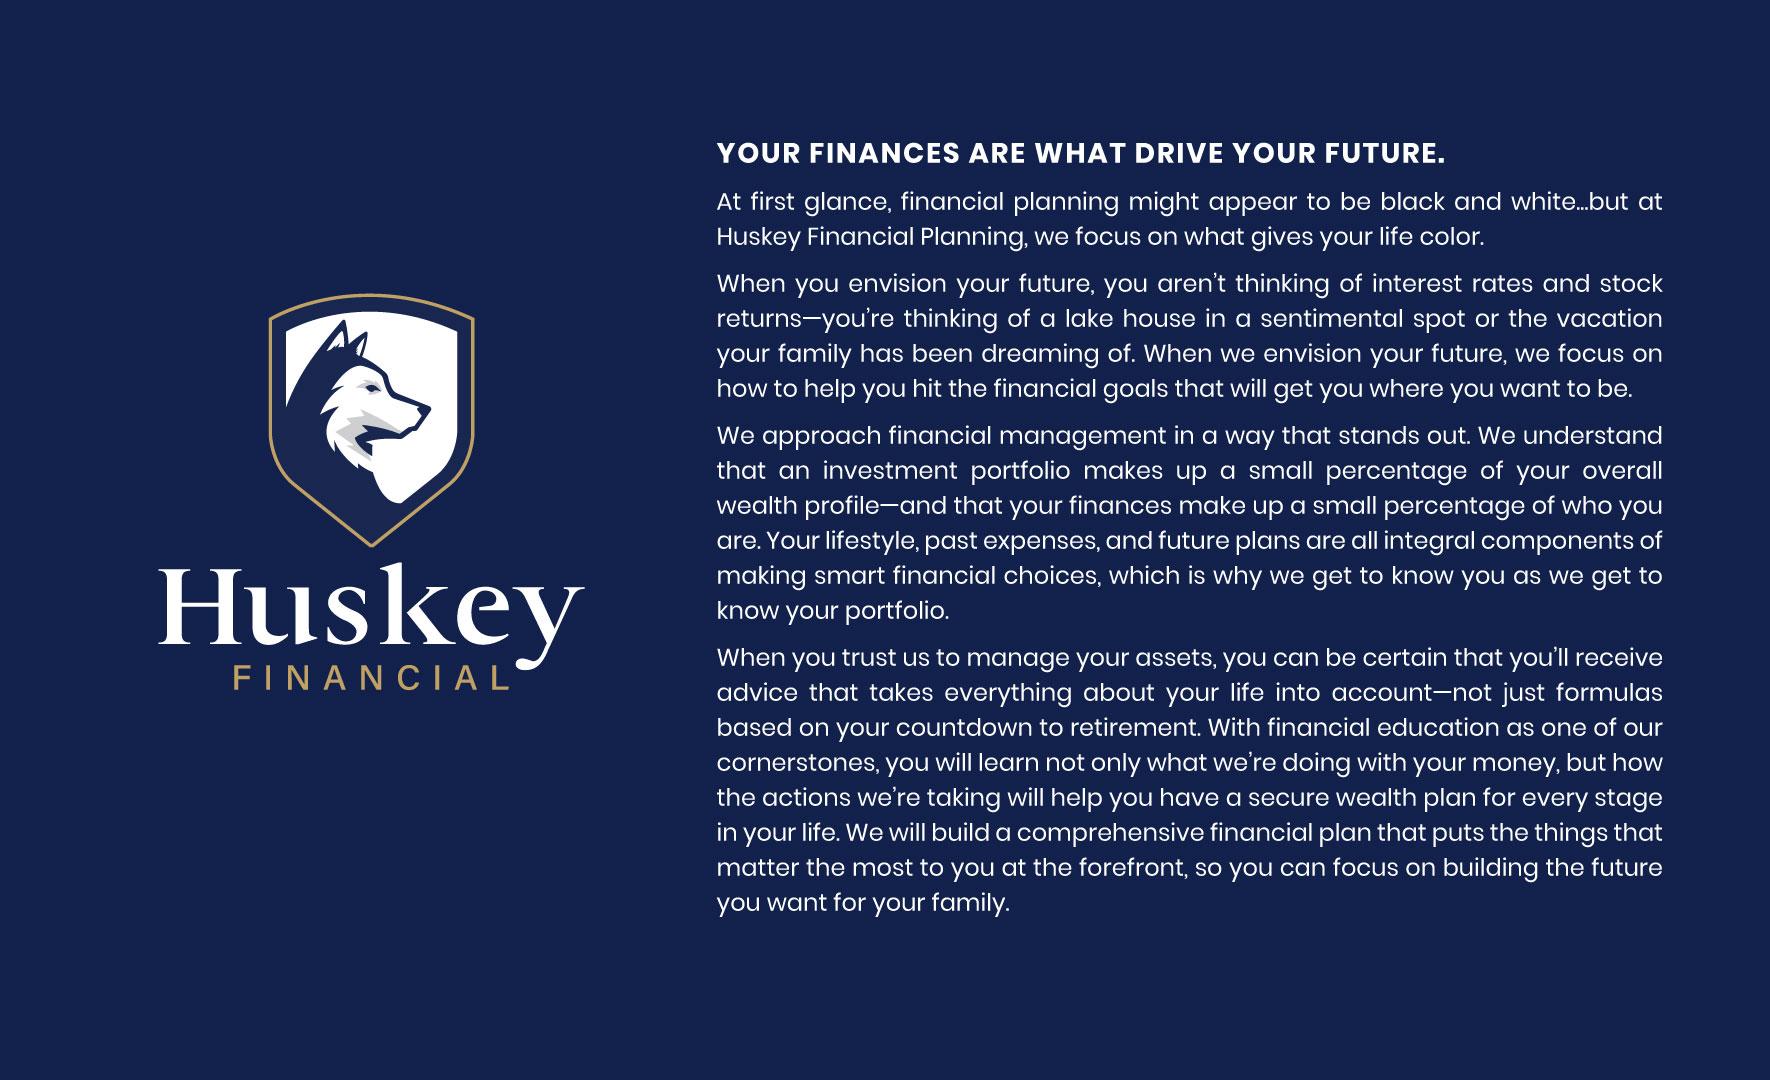 huskey-story